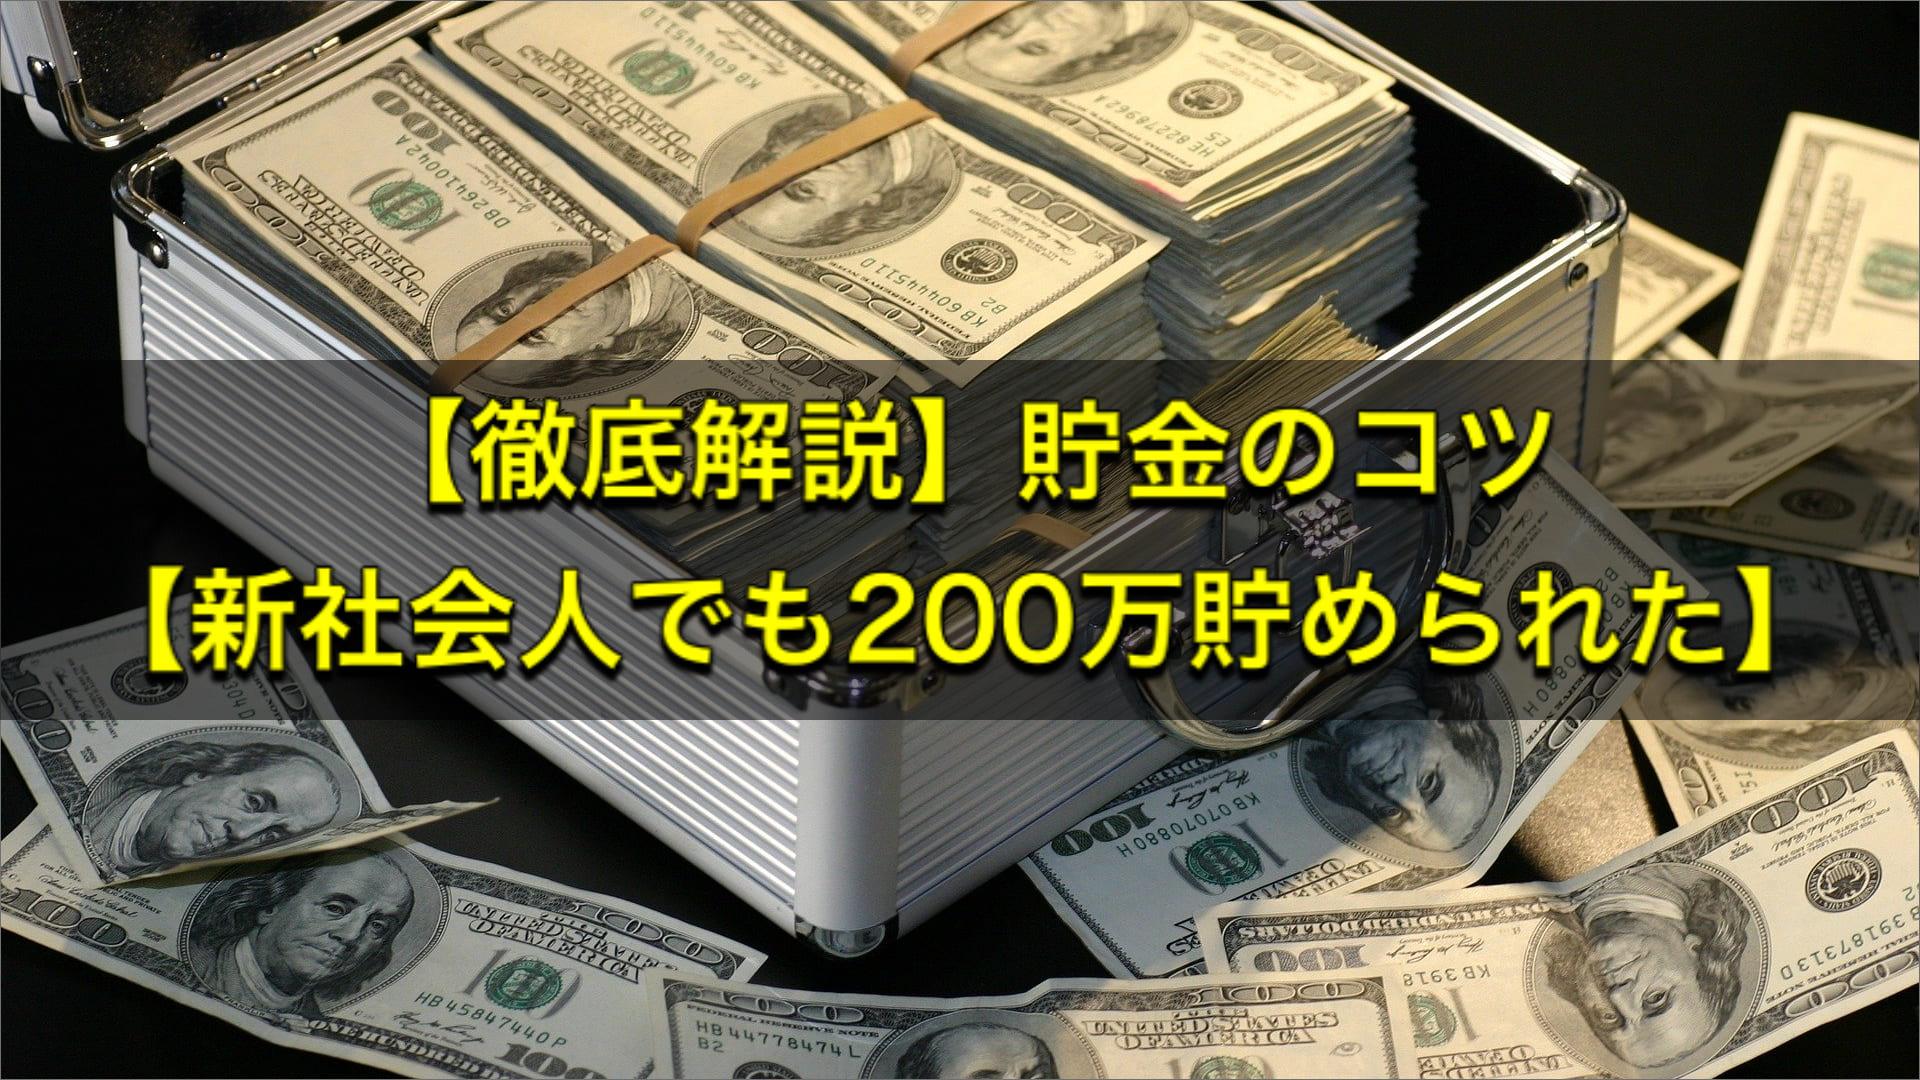 【徹底解説】貯金のコツ【新社会人でも200万貯められた】